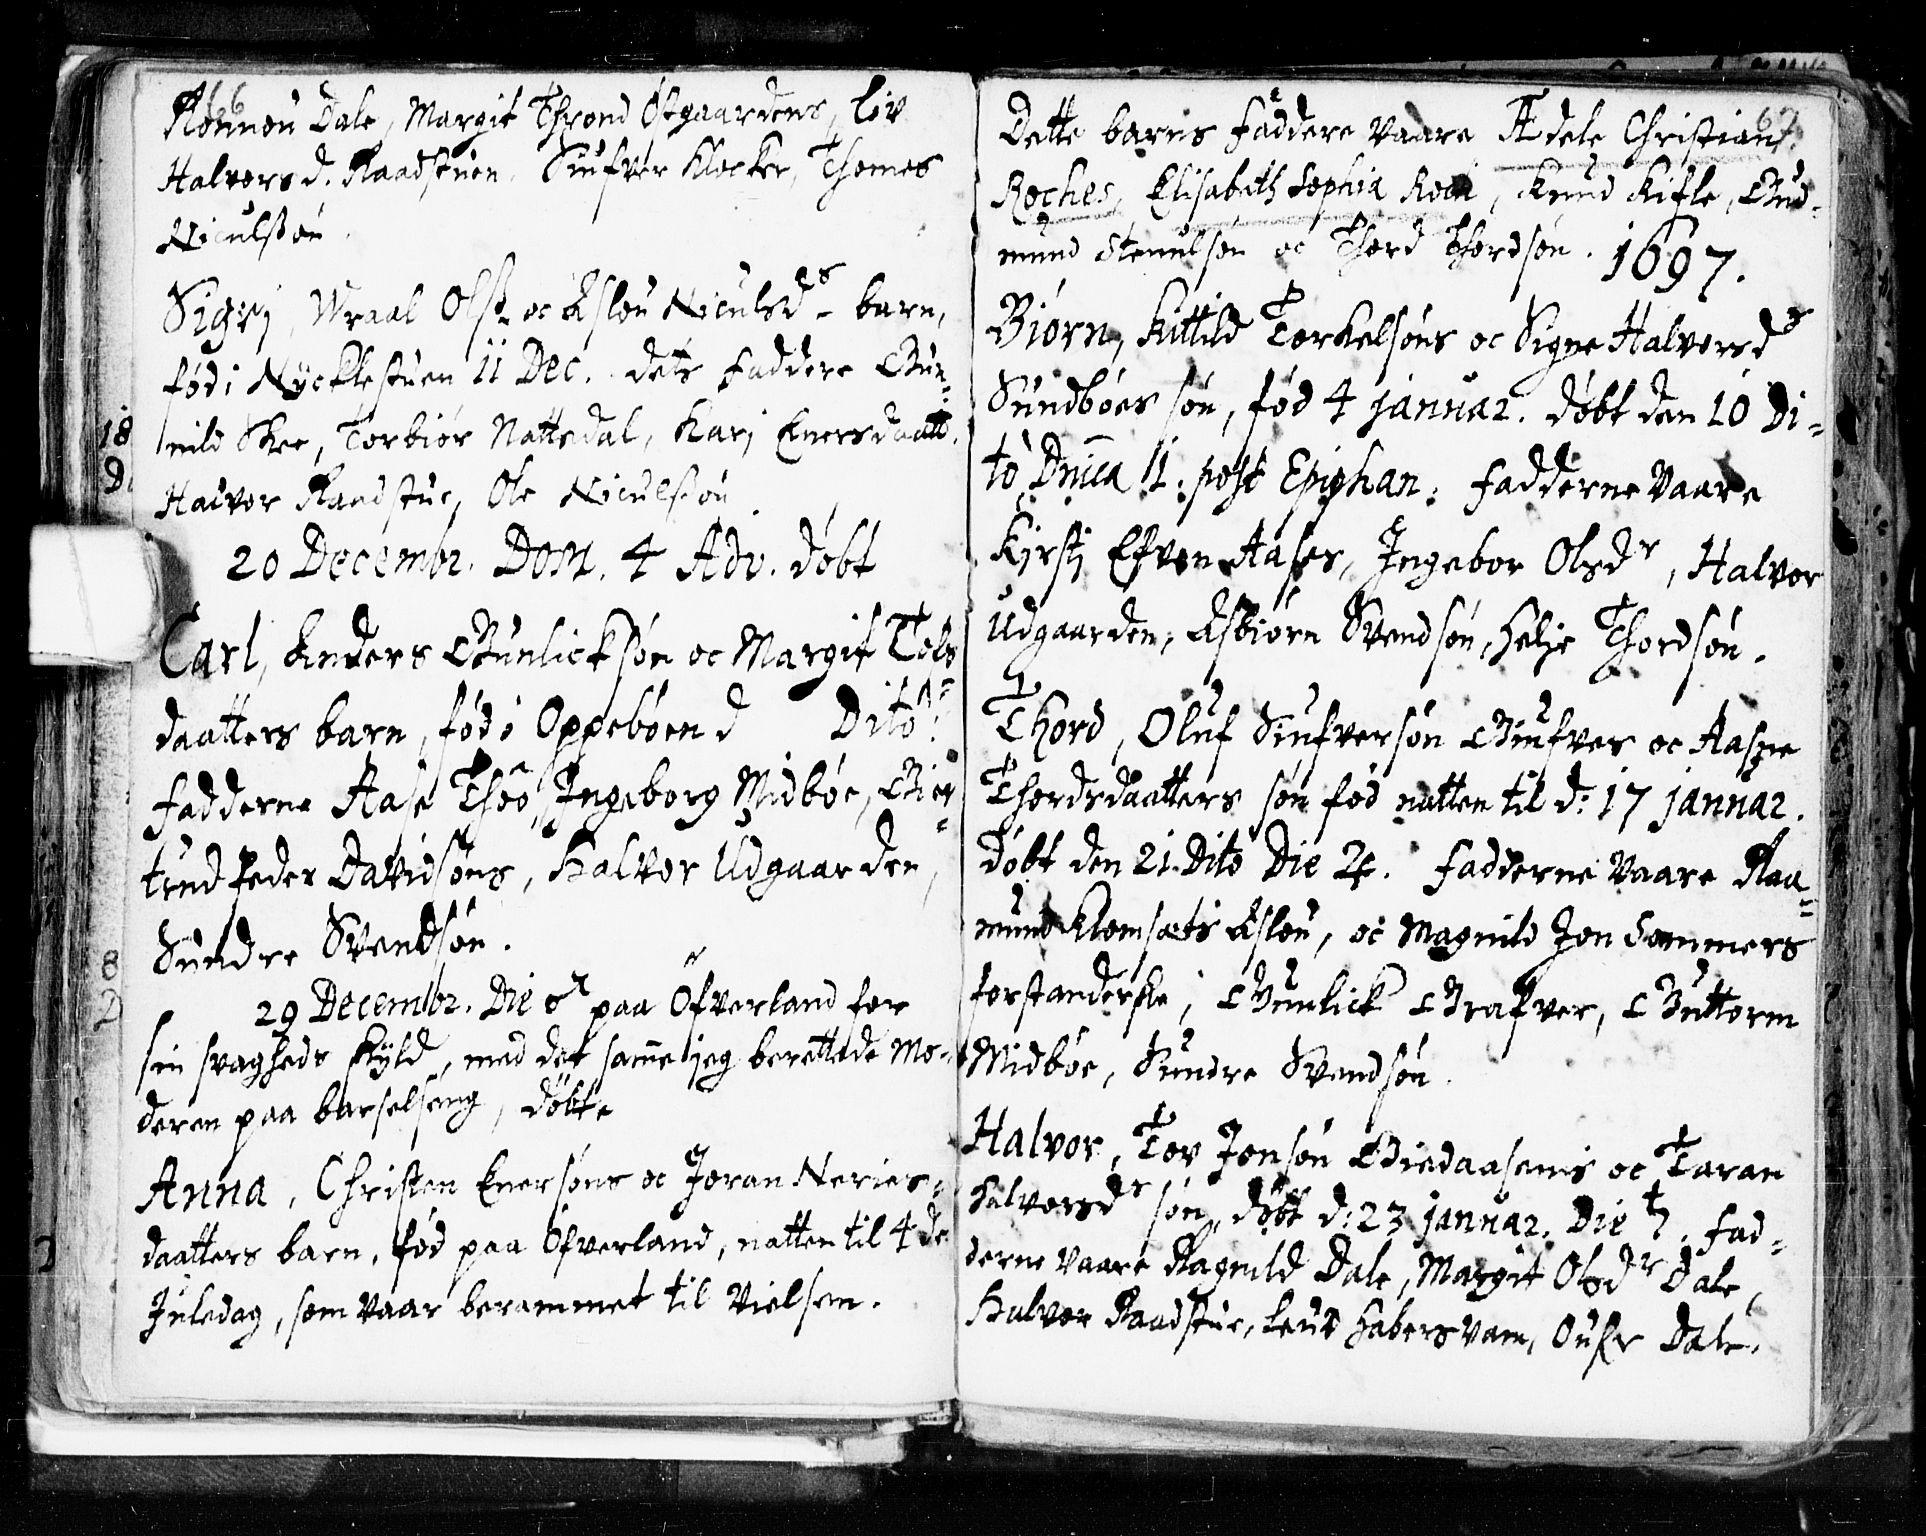 SAKO, Seljord kirkebøker, F/Fa/L0002: Ministerialbok nr. I 2, 1689-1713, s. 66-67